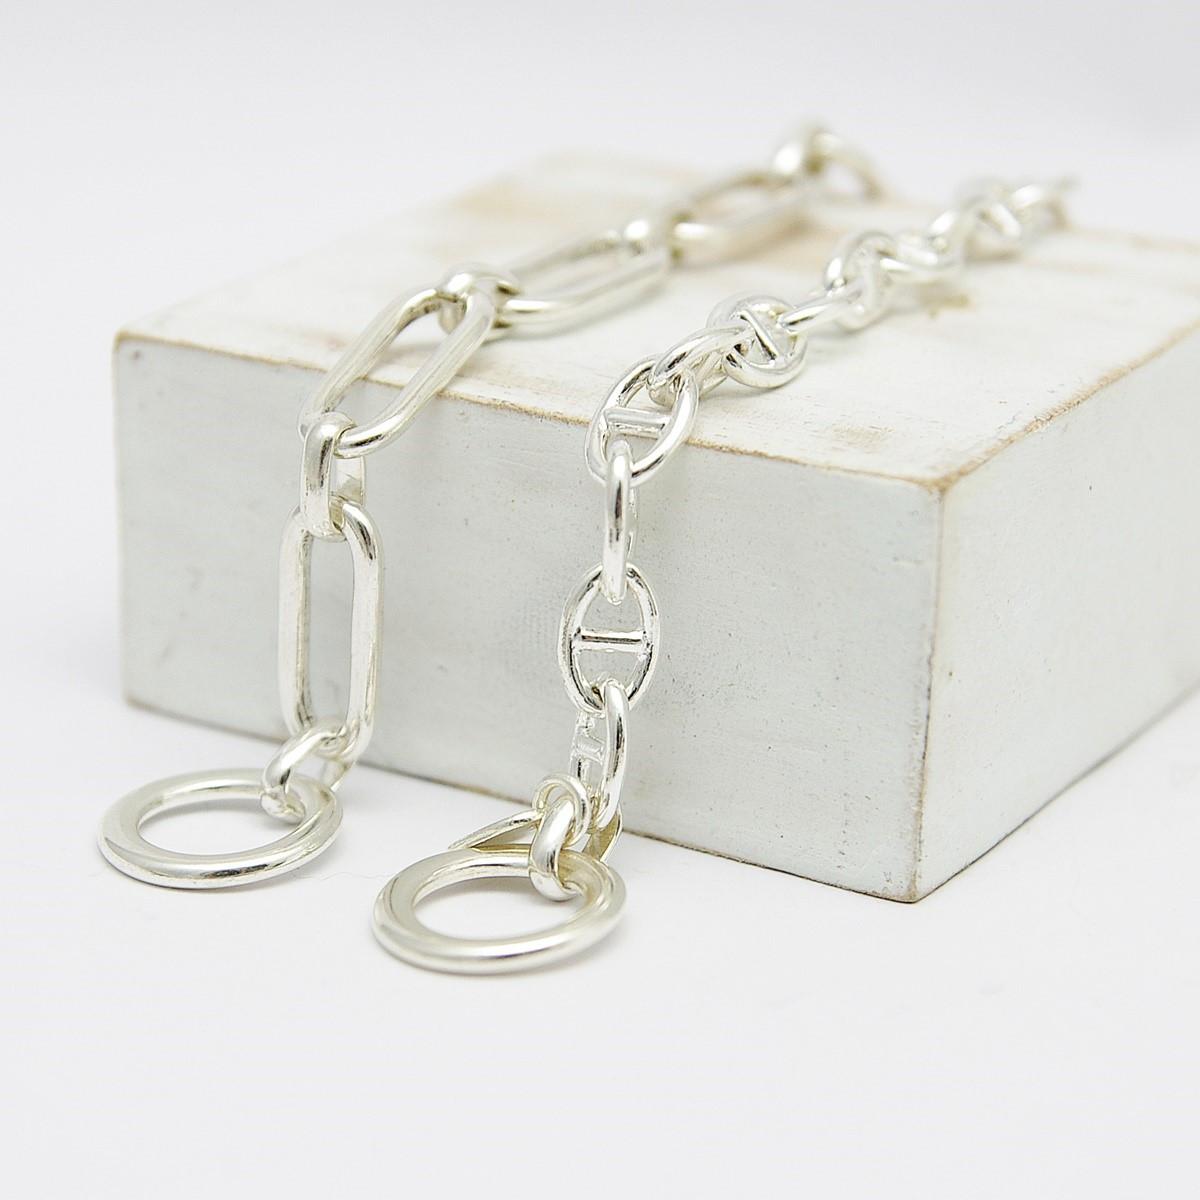 32e2b54c186 Bracelet chaîne ancre marine argent - Femme - Bracelet souple